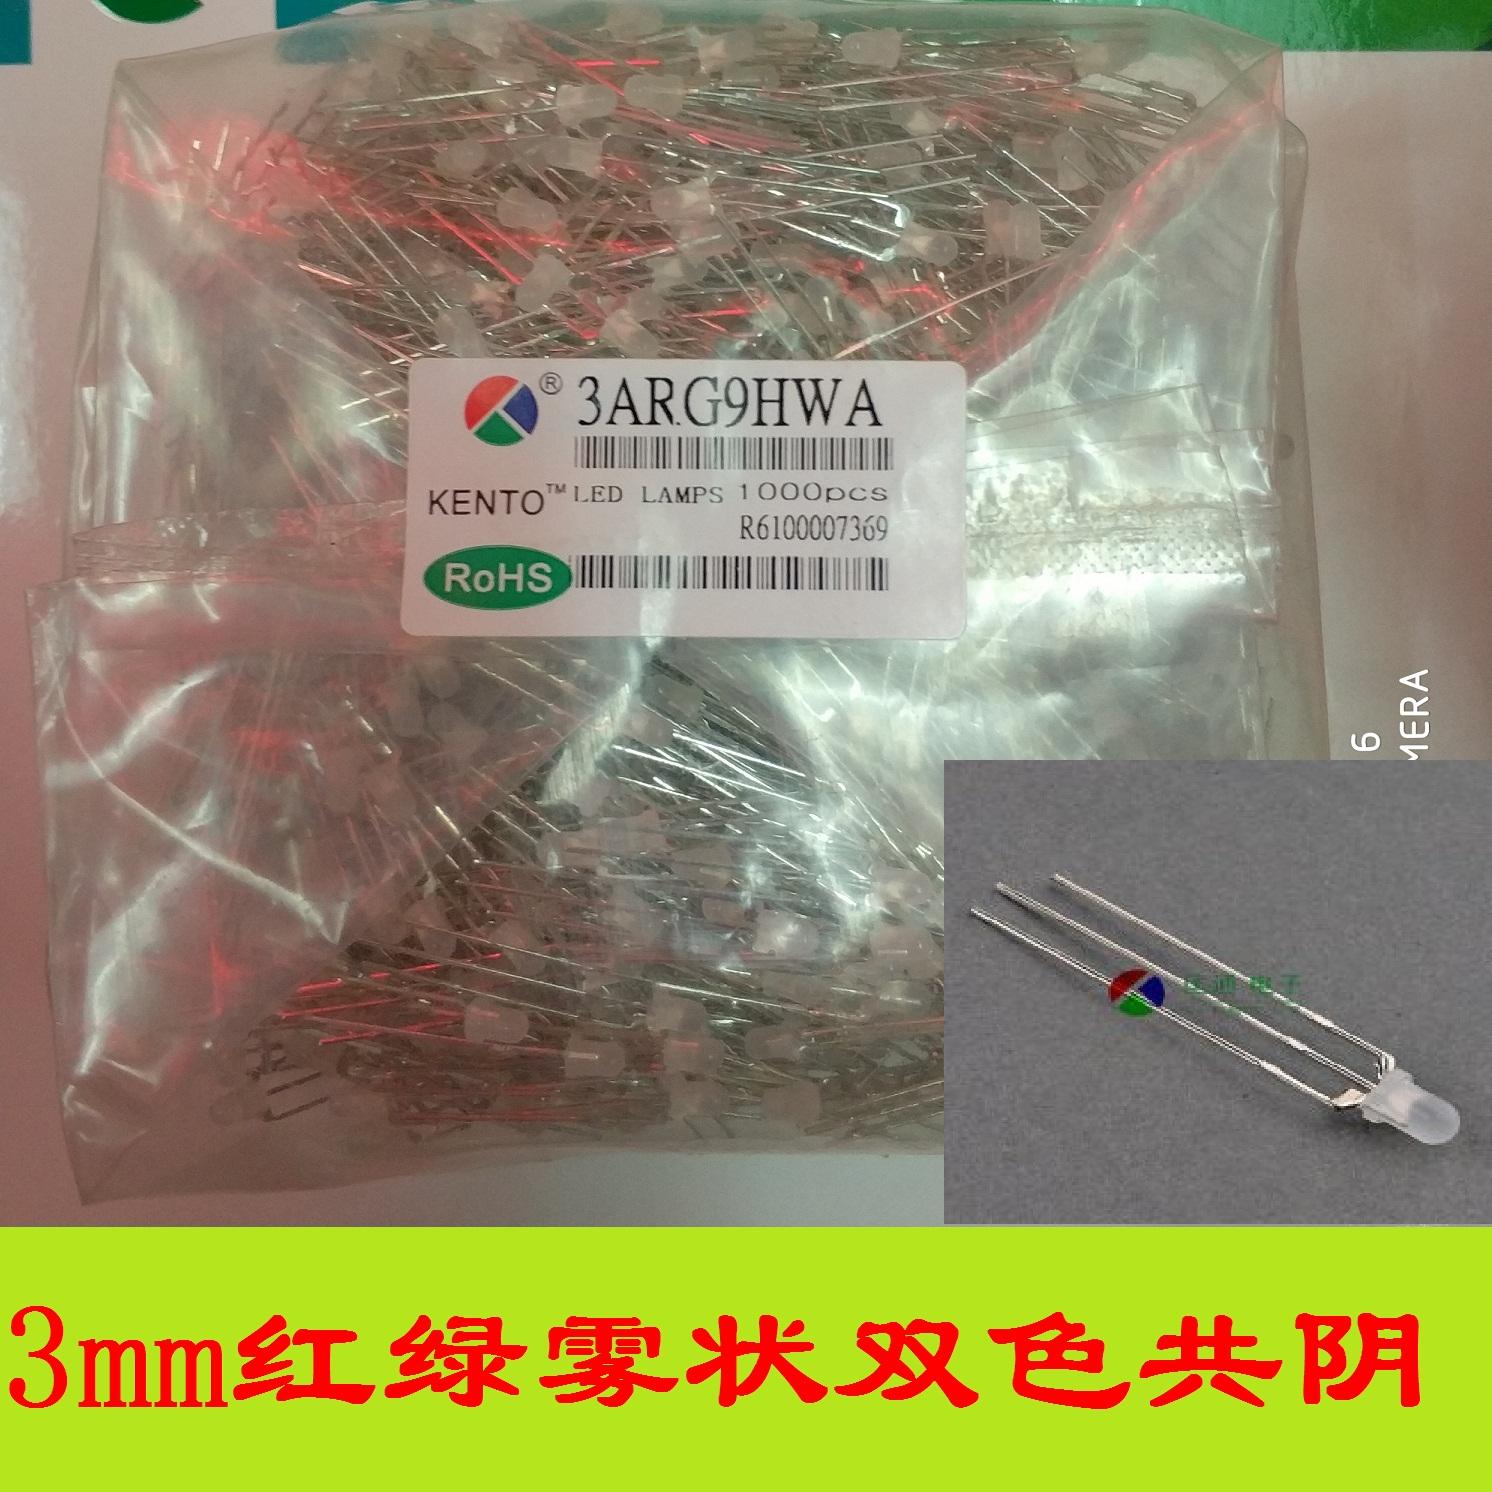 Марина проход 3 мм красный зеленый Би-цвет трех контактный общим катодом ксеноновая лампа бусины 3arg9hwa фабрика прямой светодиодные светоизлучающий диод